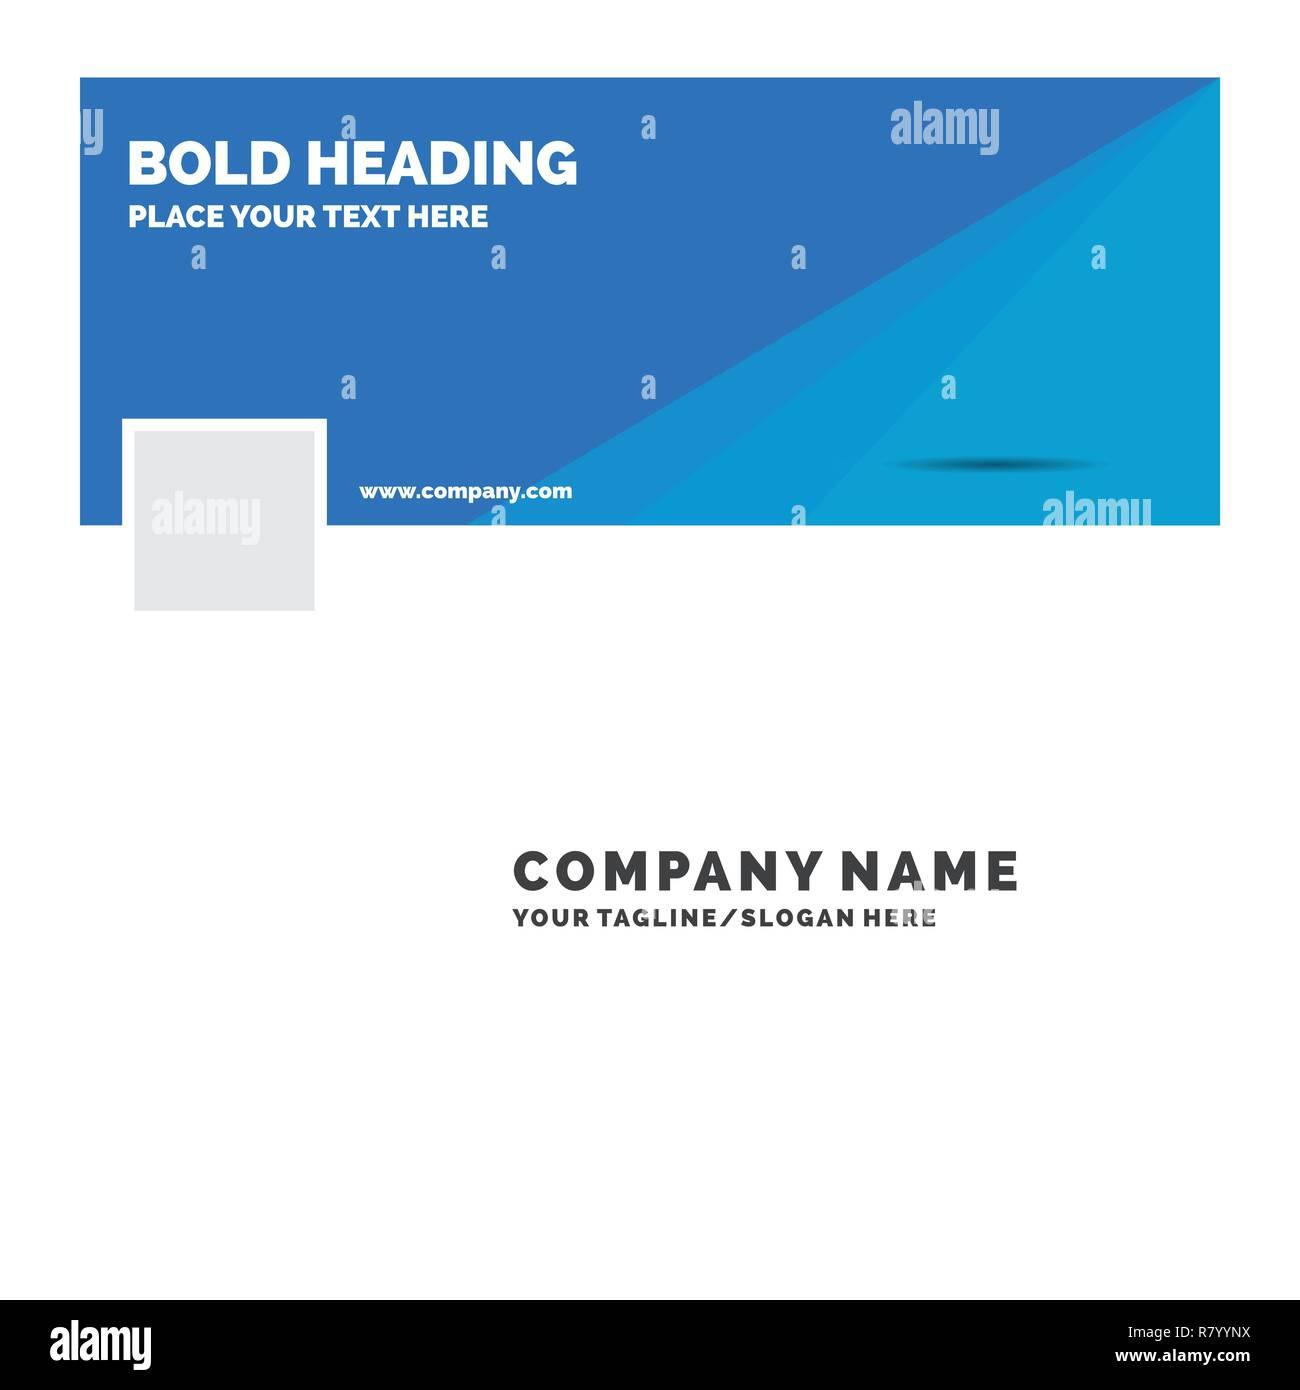 Blue Business Logo Template For Code Coding Doc Programming Script Facebook Timeline Banner Design Vector Web Background Illustration